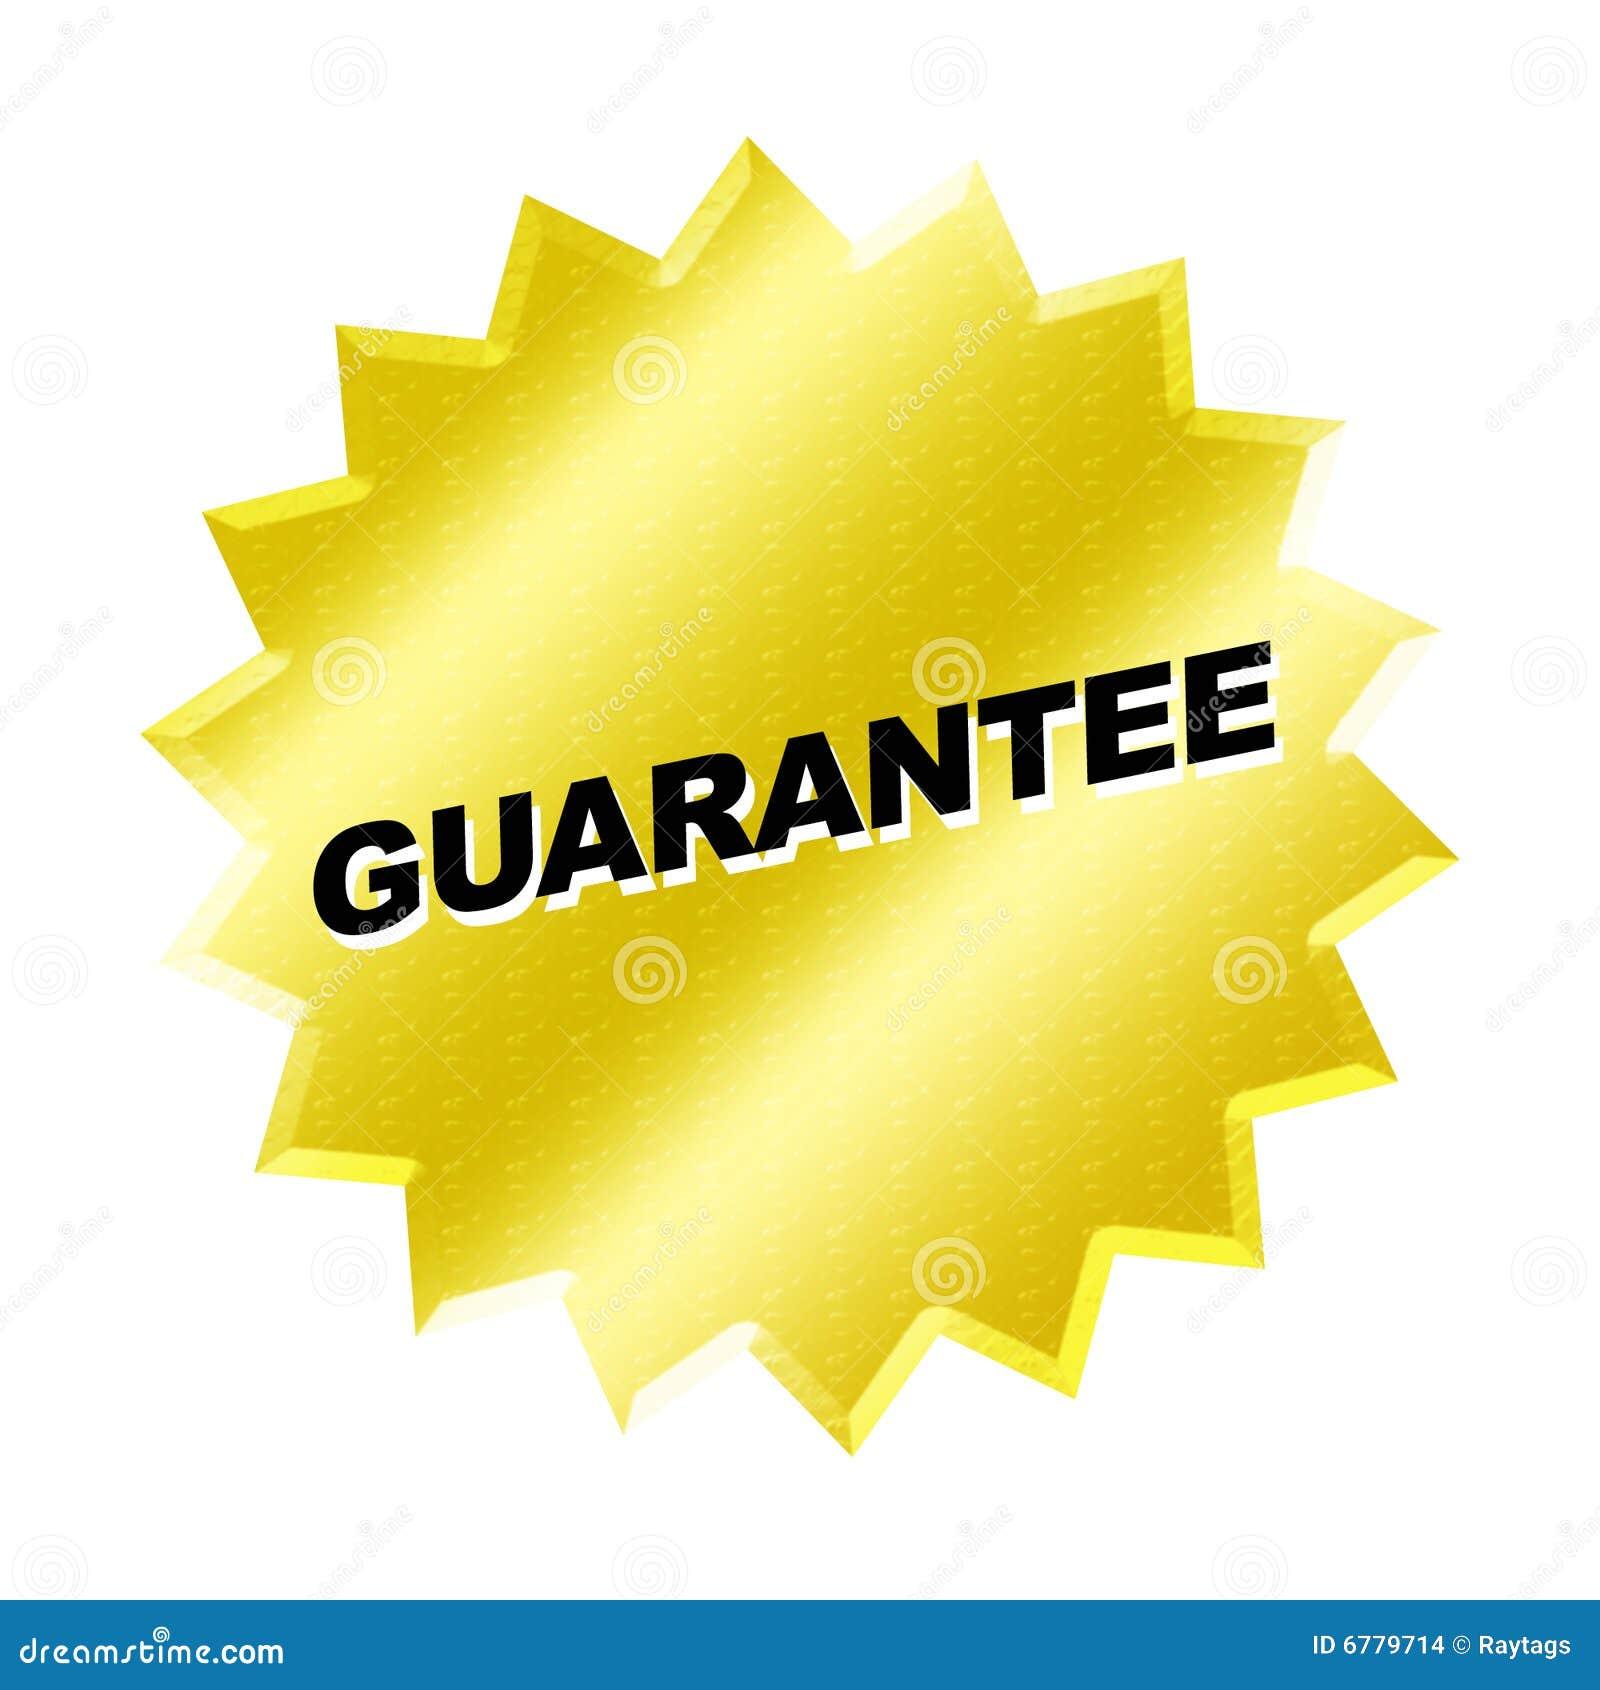 Guarantee Sign